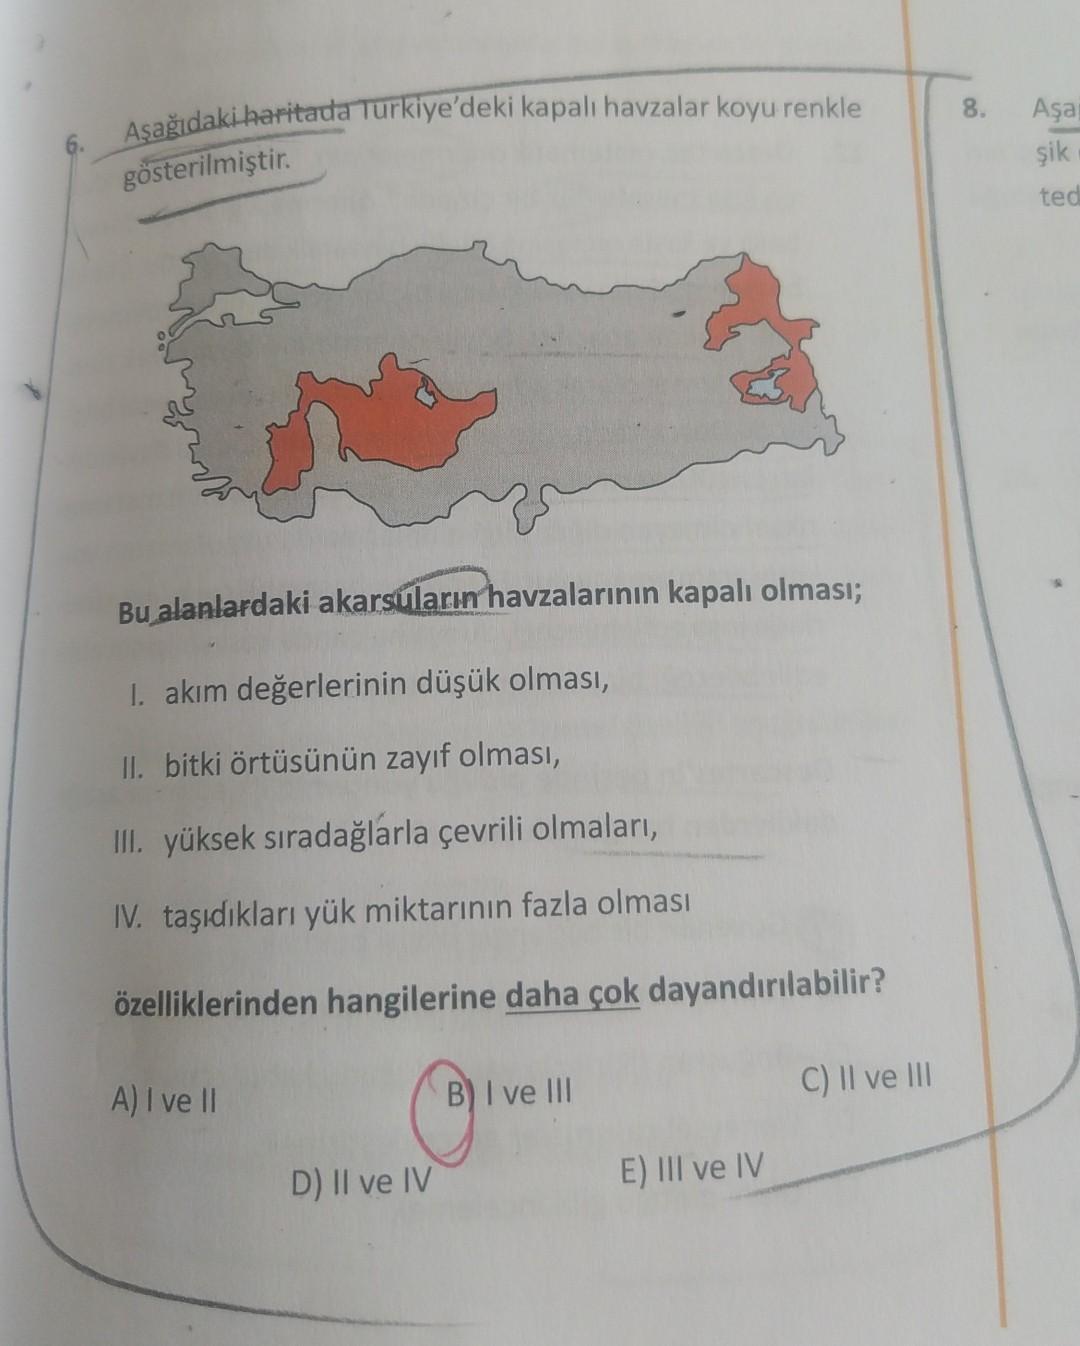 00 Aşağıdaki haritada Türkiye'deki kapalı havzalar koyu renkle Aşa şik gösterilmiştir . ted Bu alanlardaki akarsuların havzalarının kapalı olması; I. akım değerlerinin düşük olması, II. bitki örtüsünün zayıf olması, III. yüksek sıradağlarla çevrili olmalar